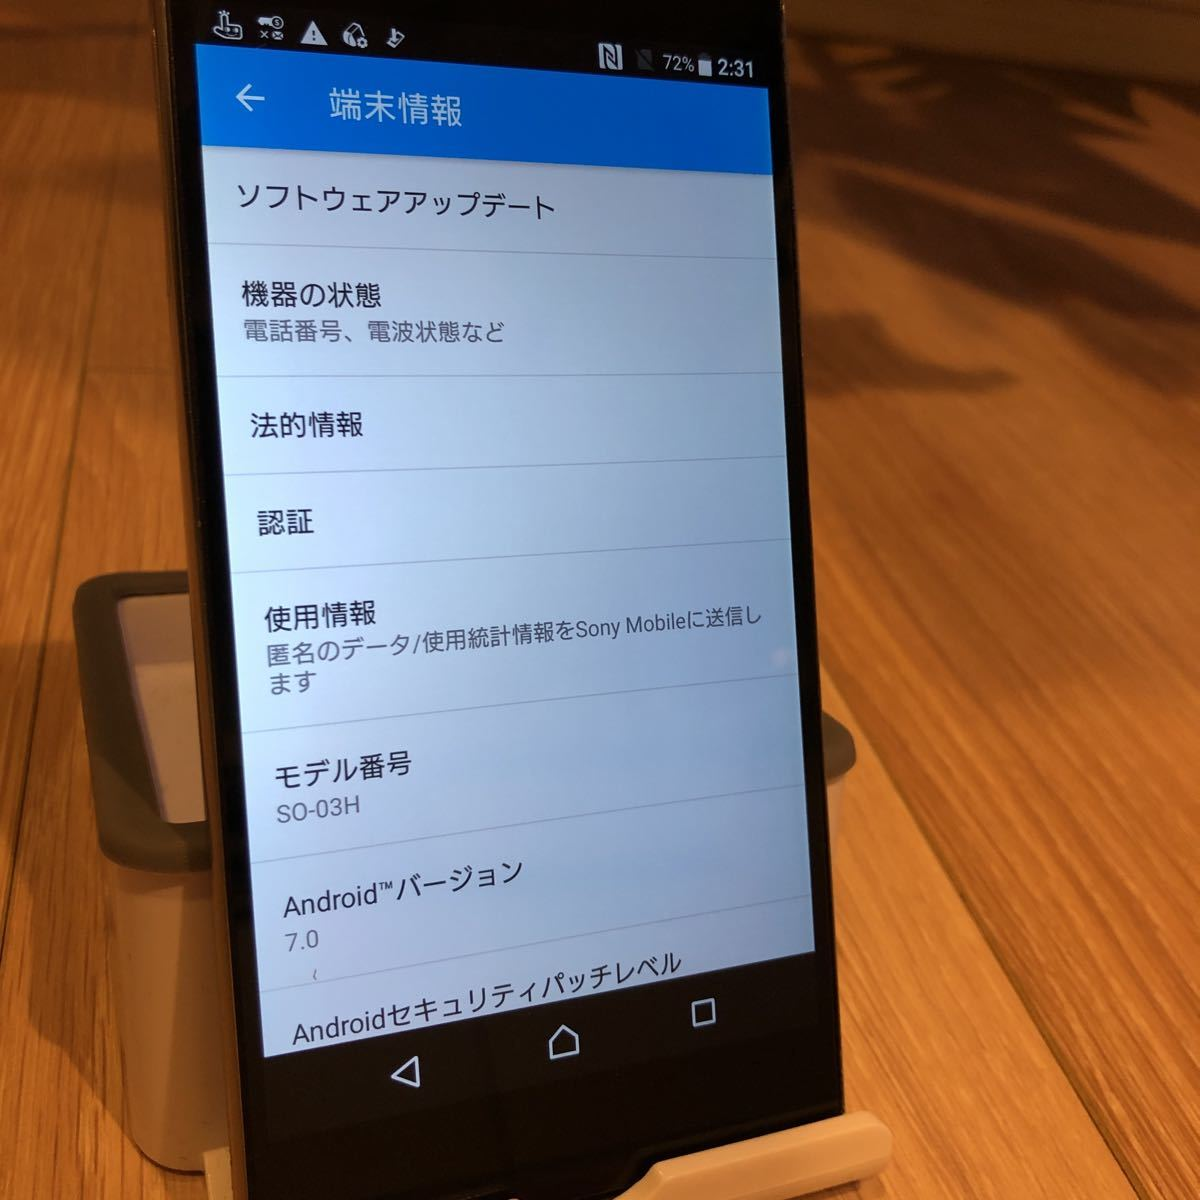 ★1円スタート!【即決あり】docomo/Sony Mobile Xperia Z5 Premium SO-03H(クローム)⑦_画像10